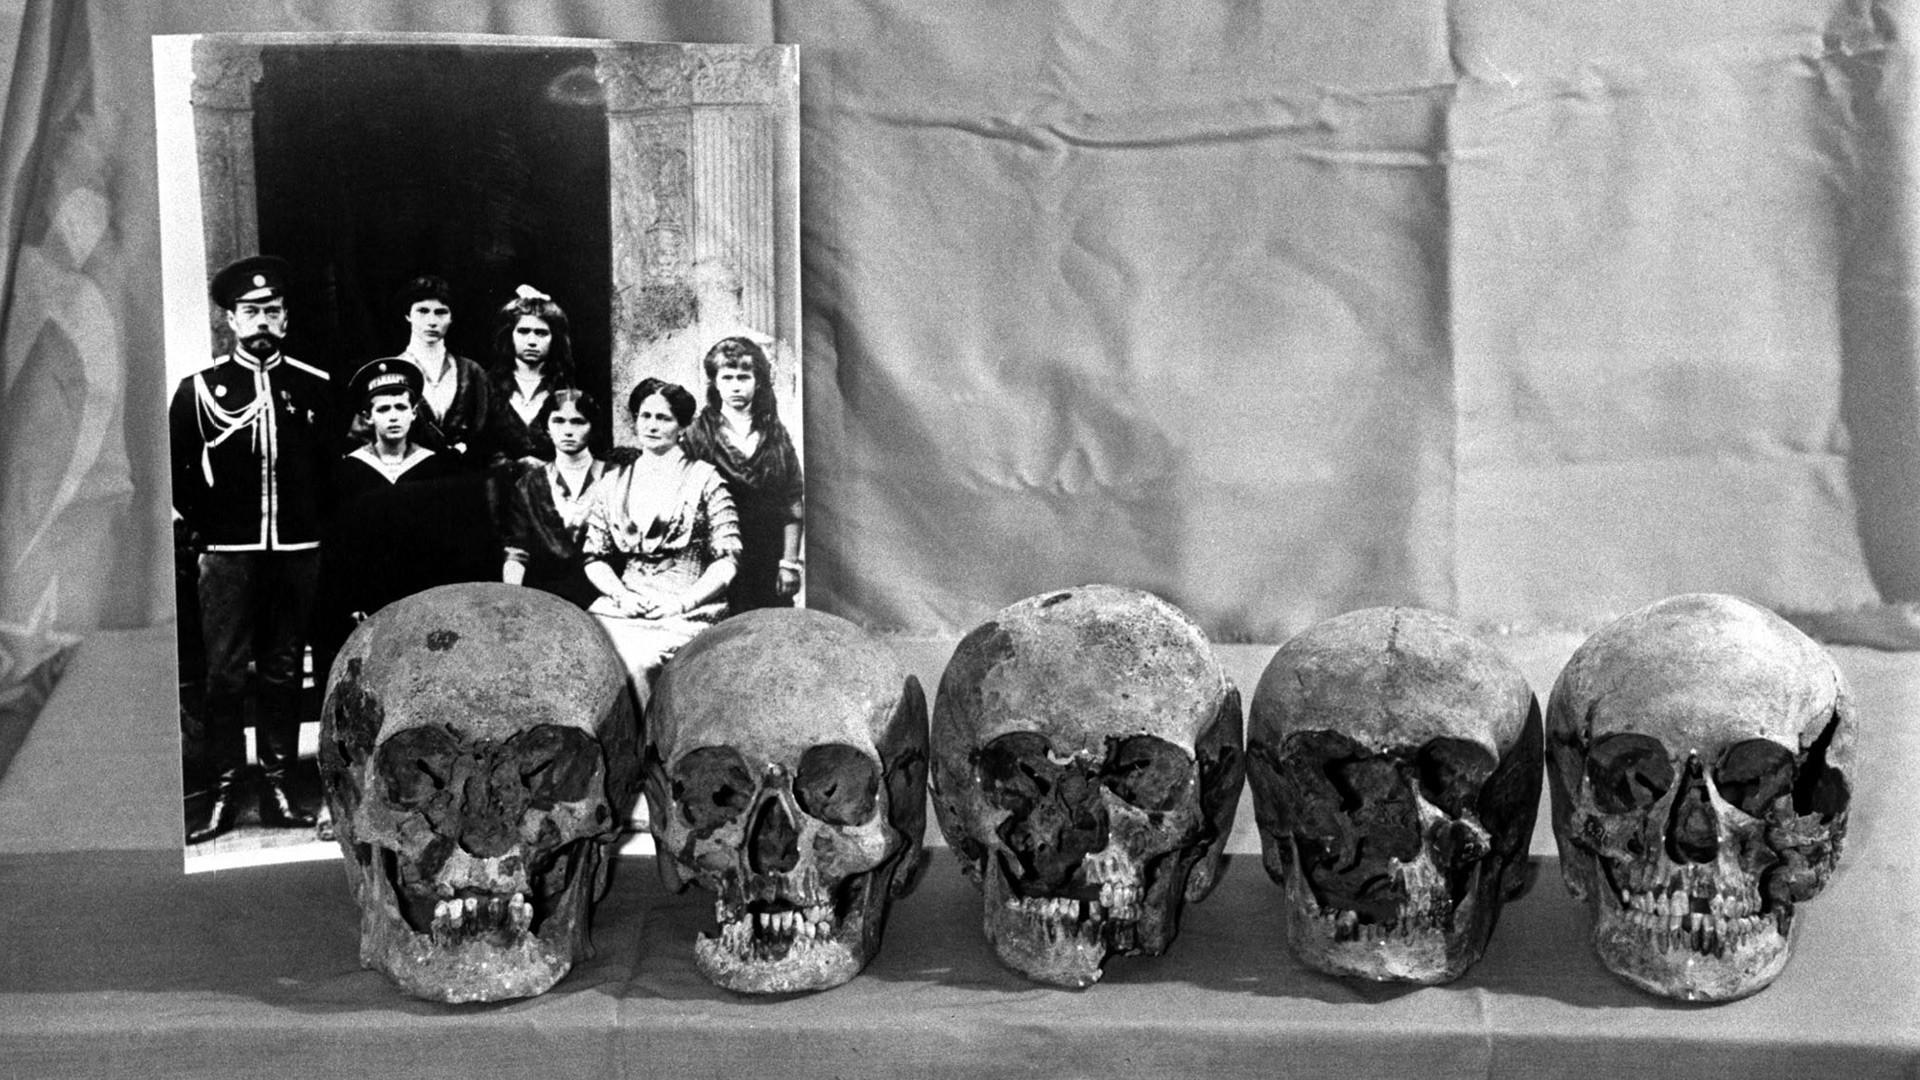 Lubanje koje tobože pripadaju ubijenim članovima carske obitelji Romanov.